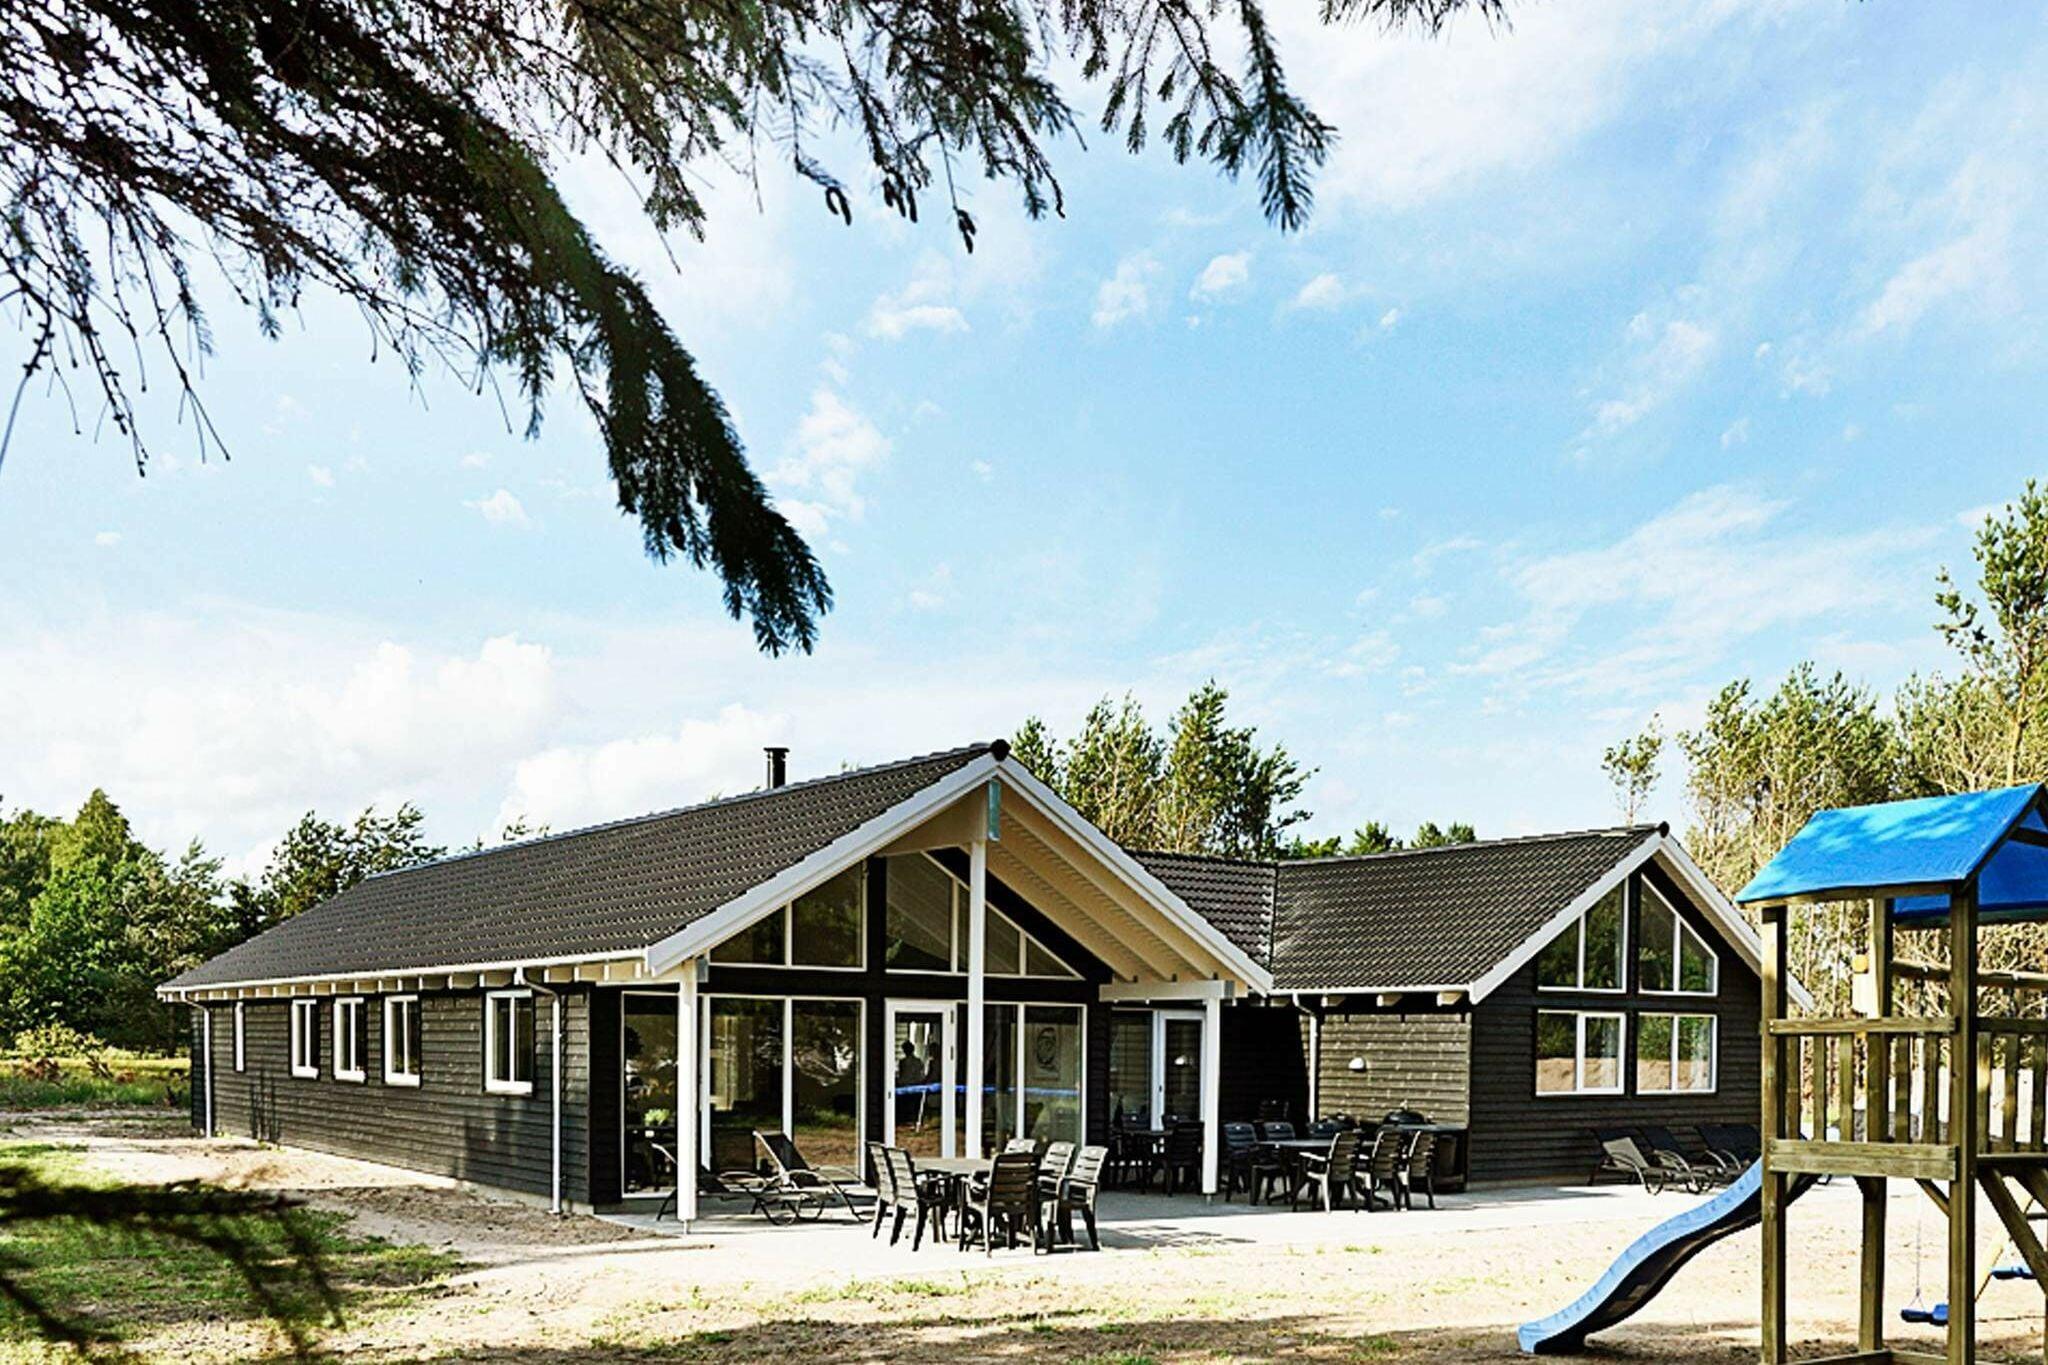 Ferienhaus in Nexö für 19 Personen